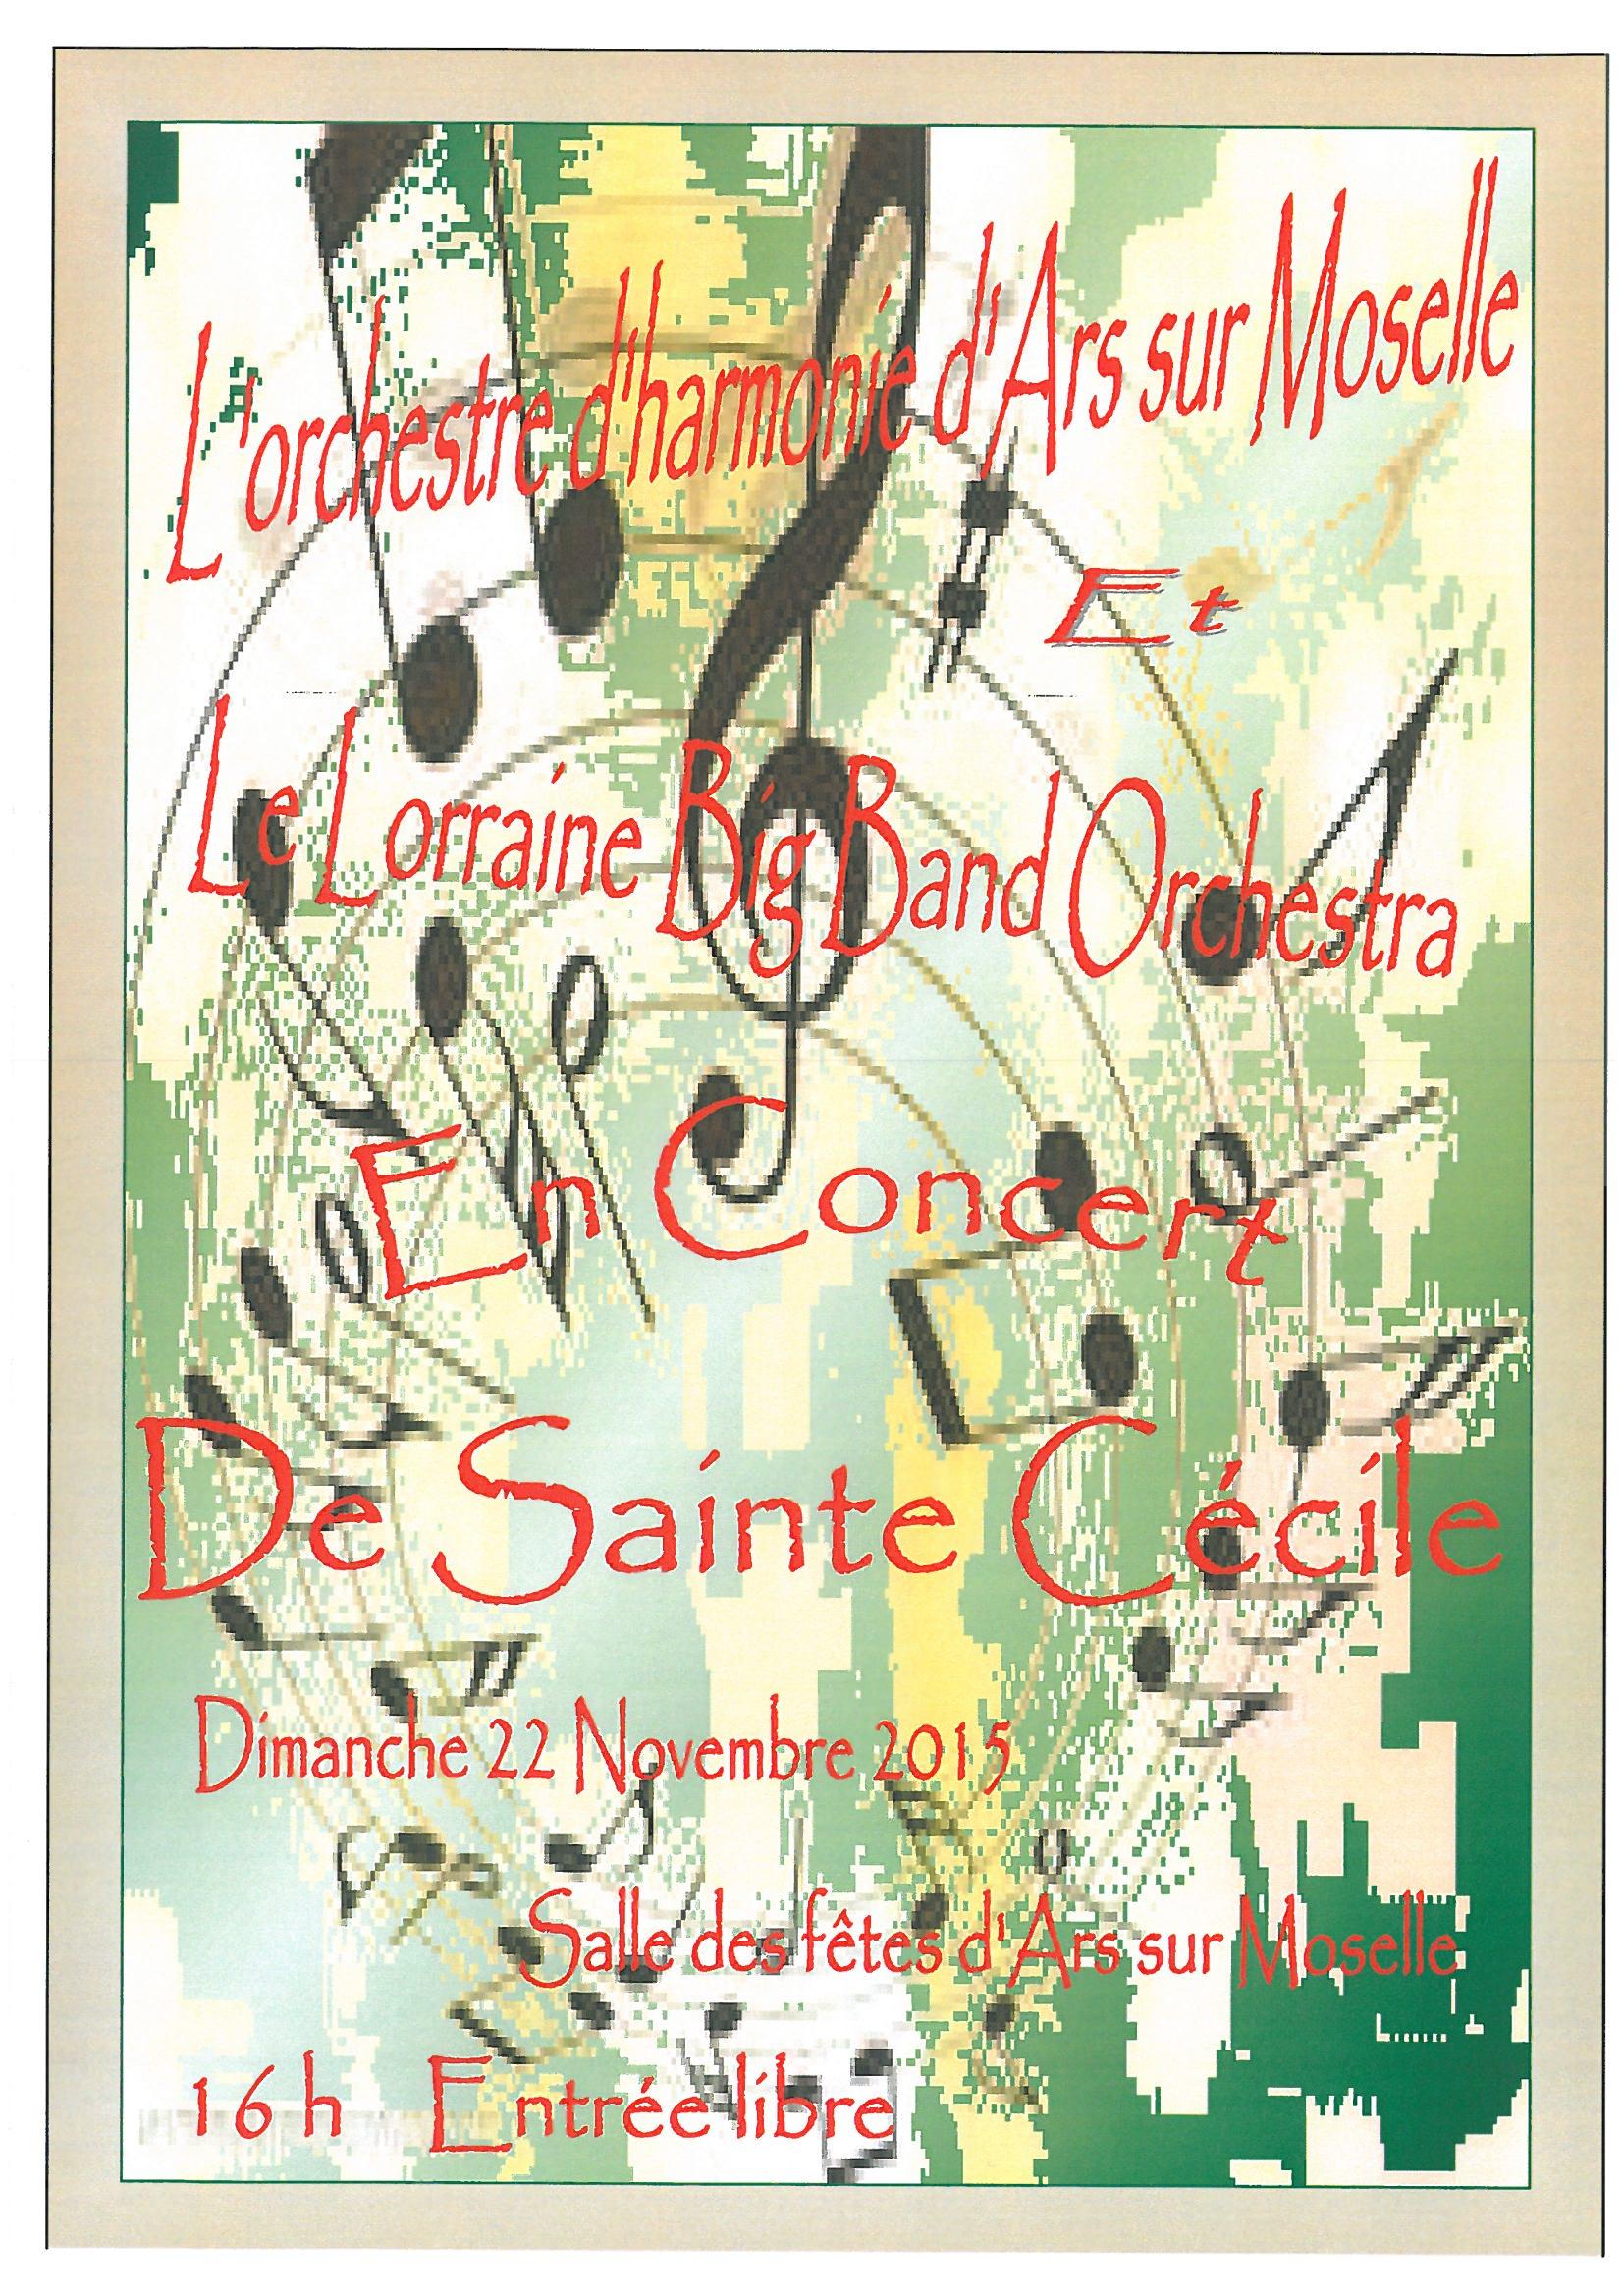 CONCERT DE LA SAINTE CECILE dimanche 22 novembre